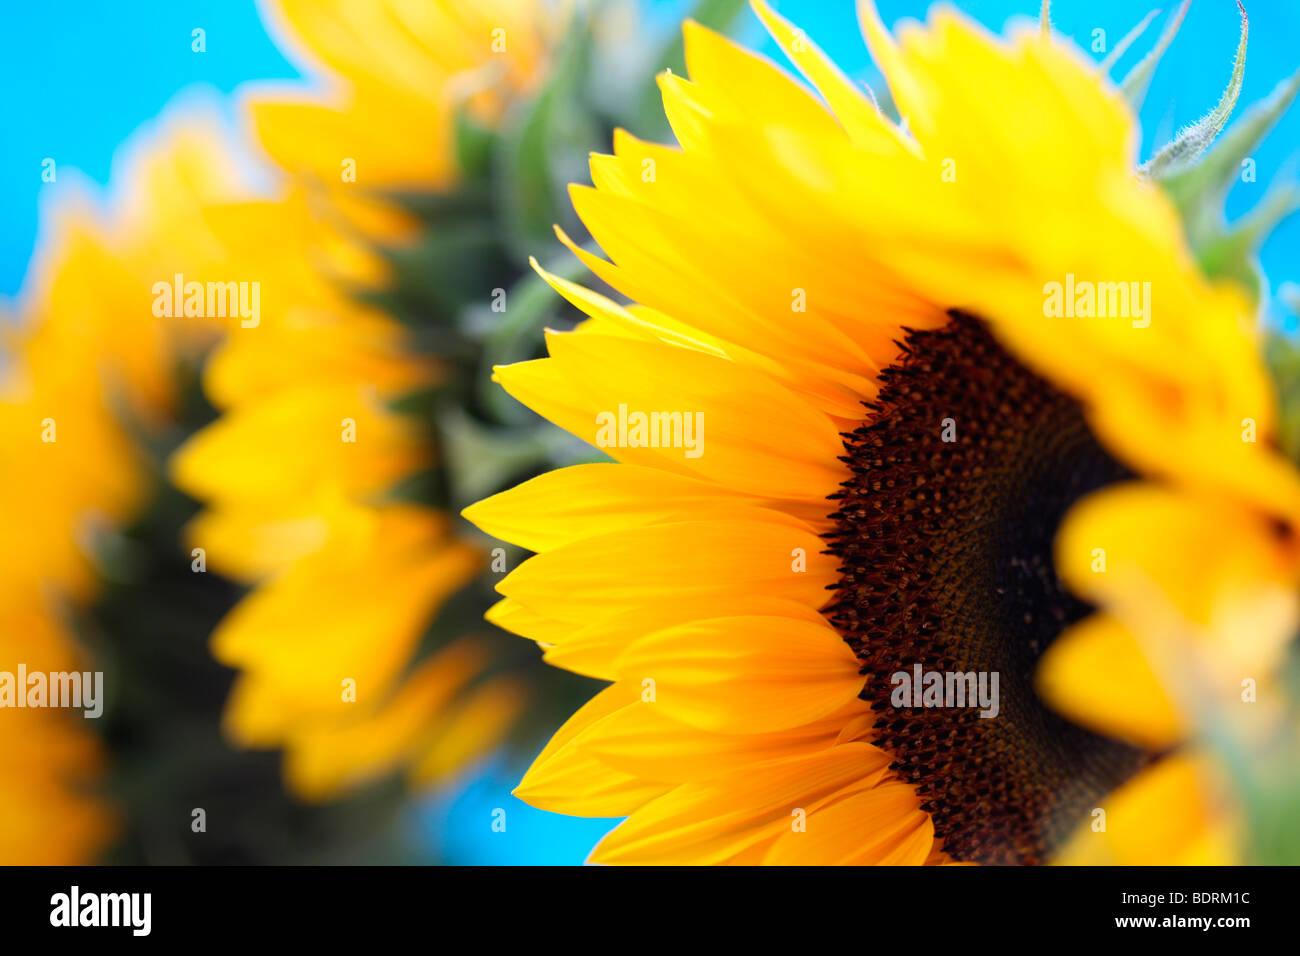 eine Gruppe von schönen Sonnenblumen in einem zeitgenössischen Stil ...